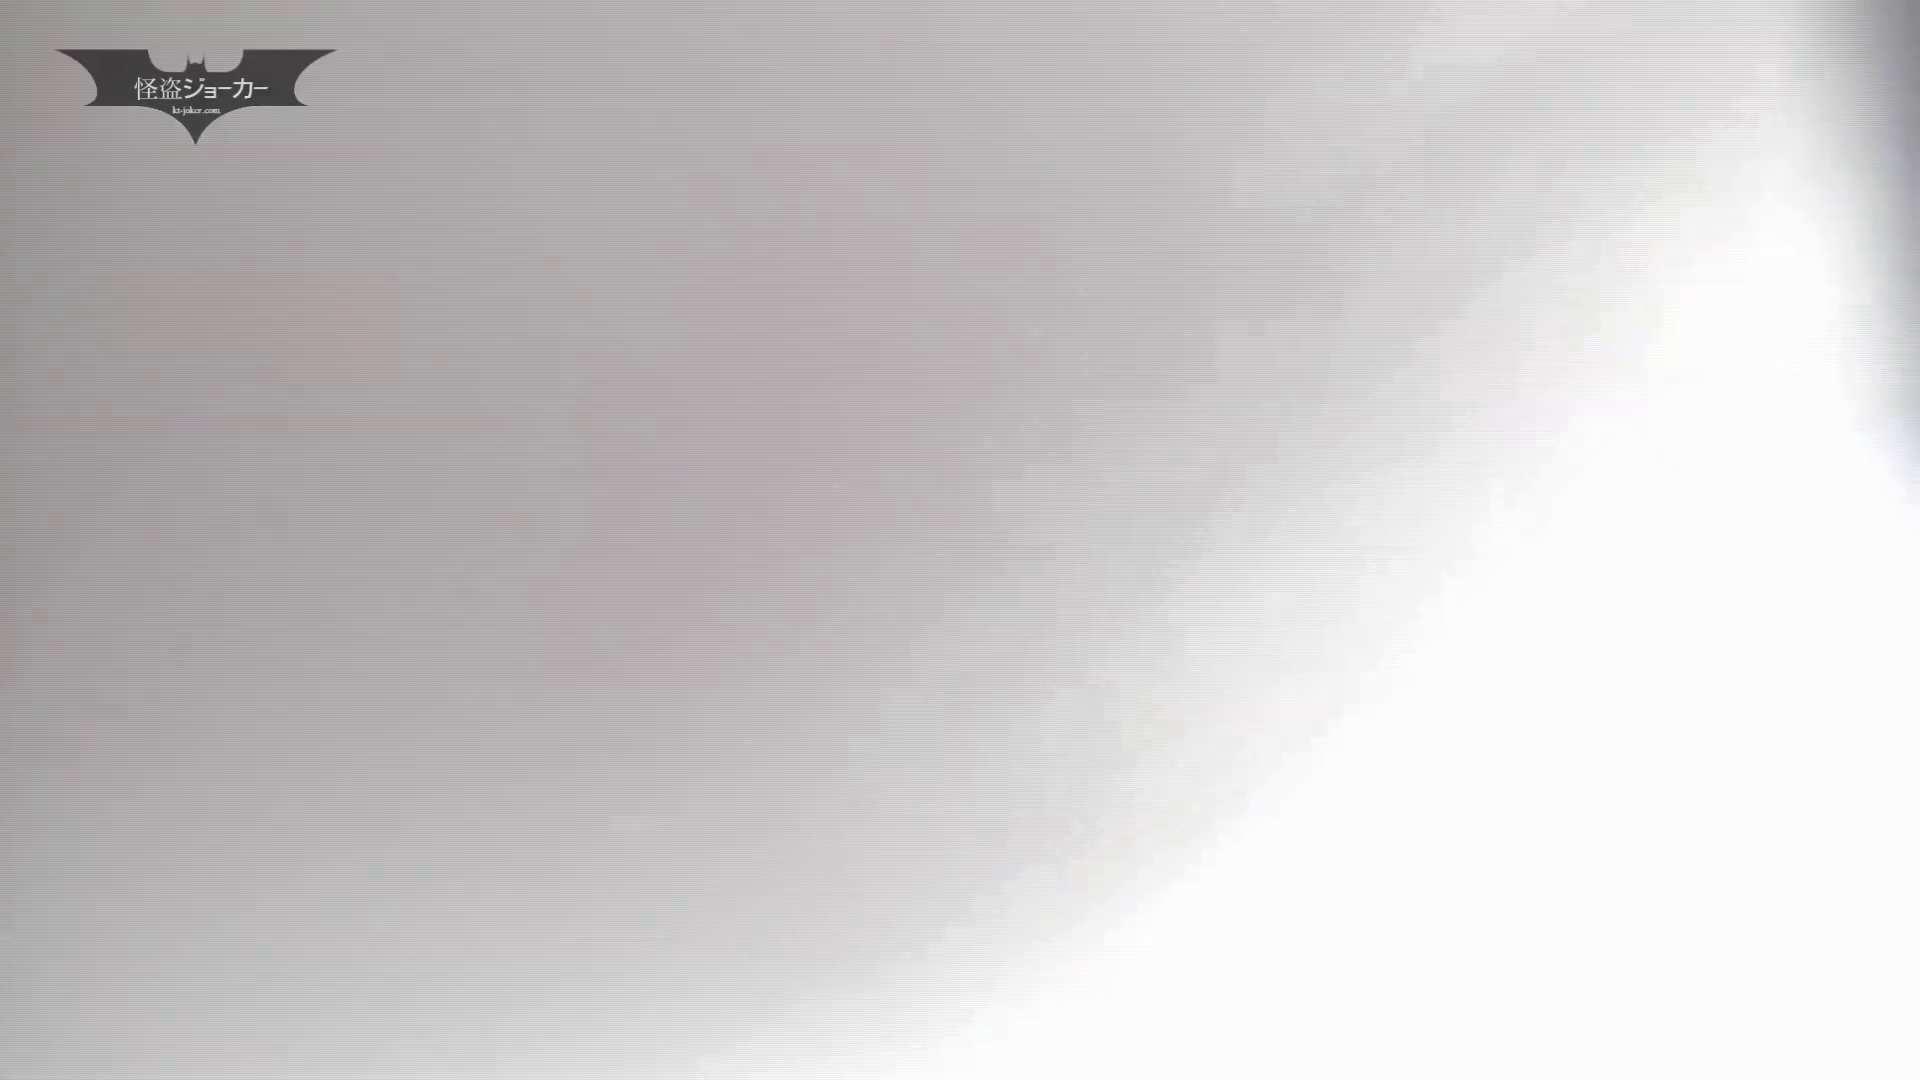 潜入!!台湾名門女学院 Vol.09 奥まで取れた、入れ墨美女 丸見え  81PIX 38